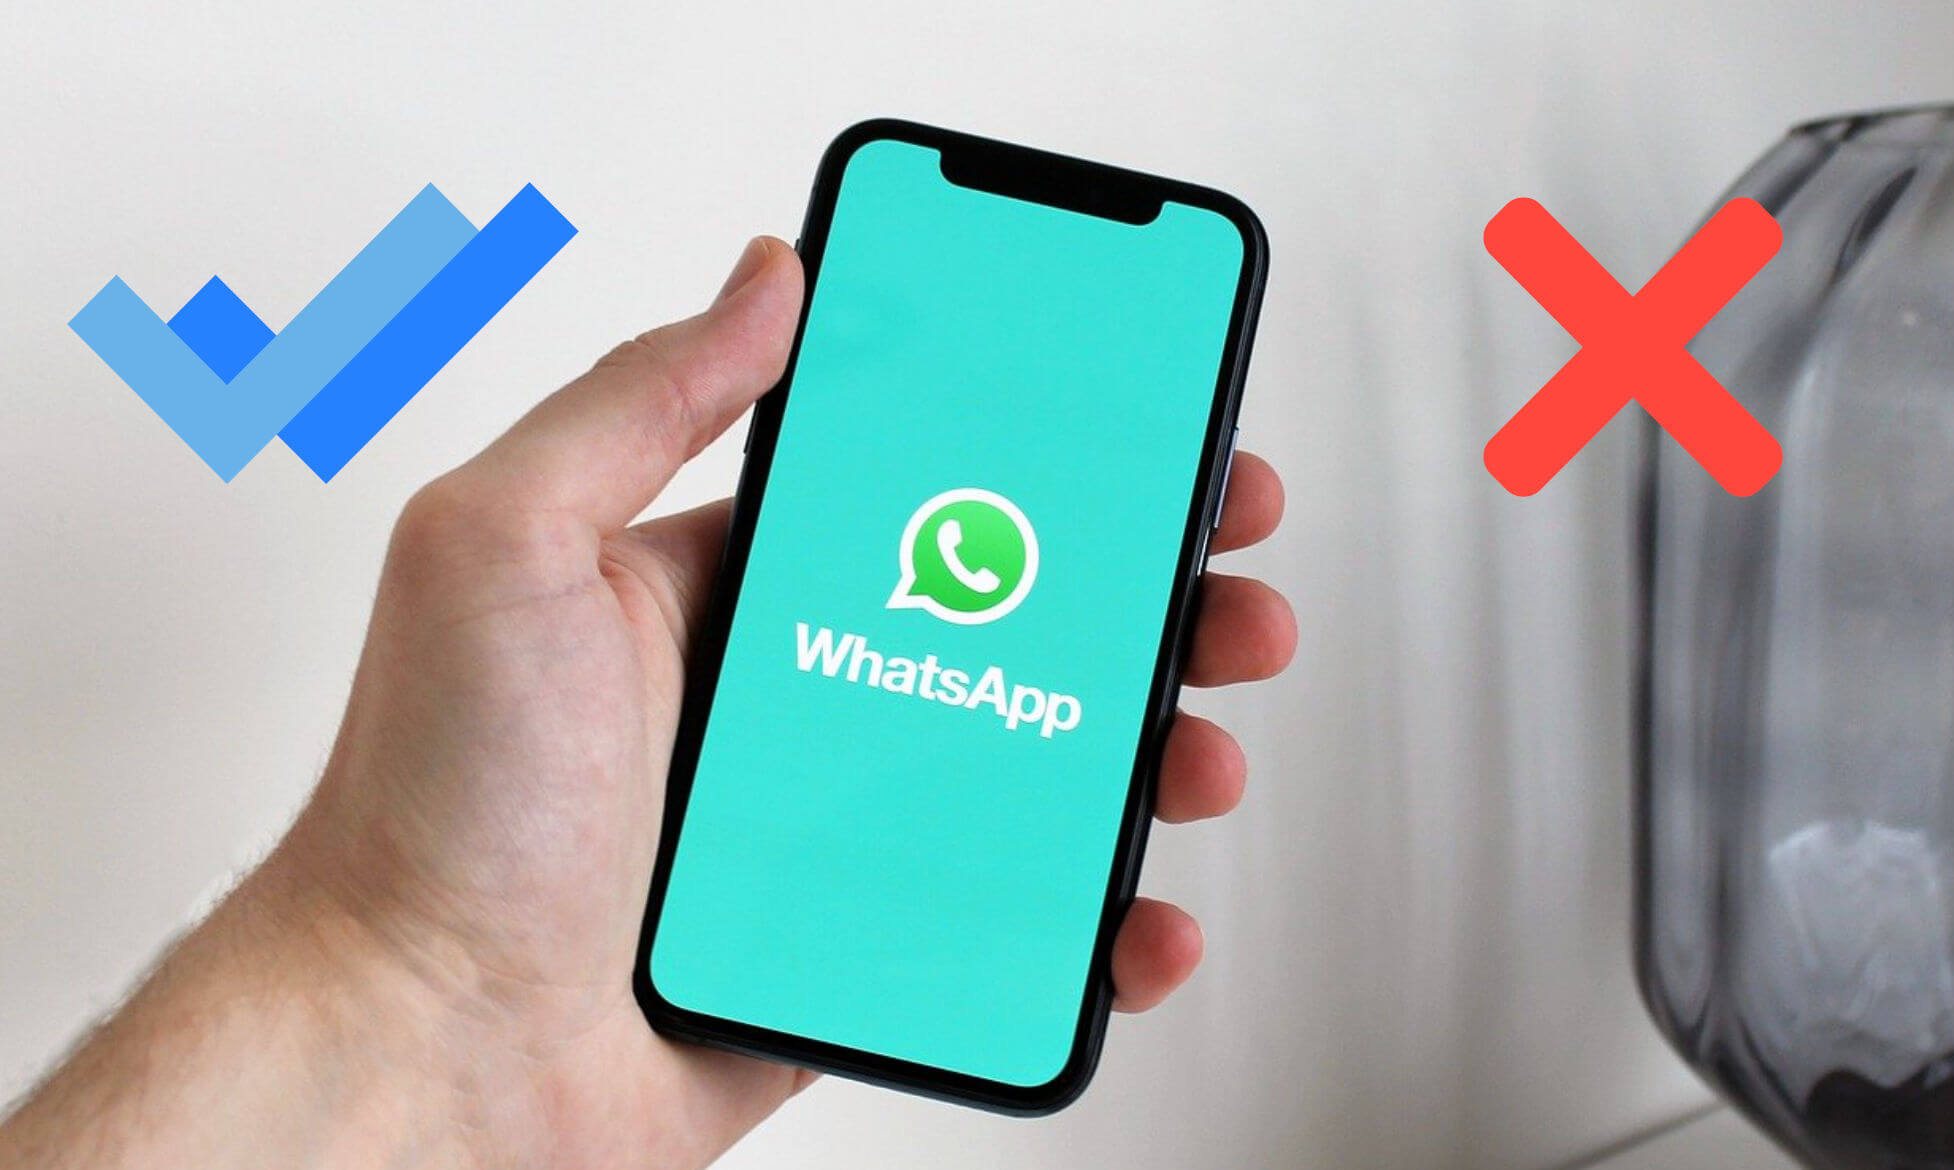 como evitar doble check whatsapp